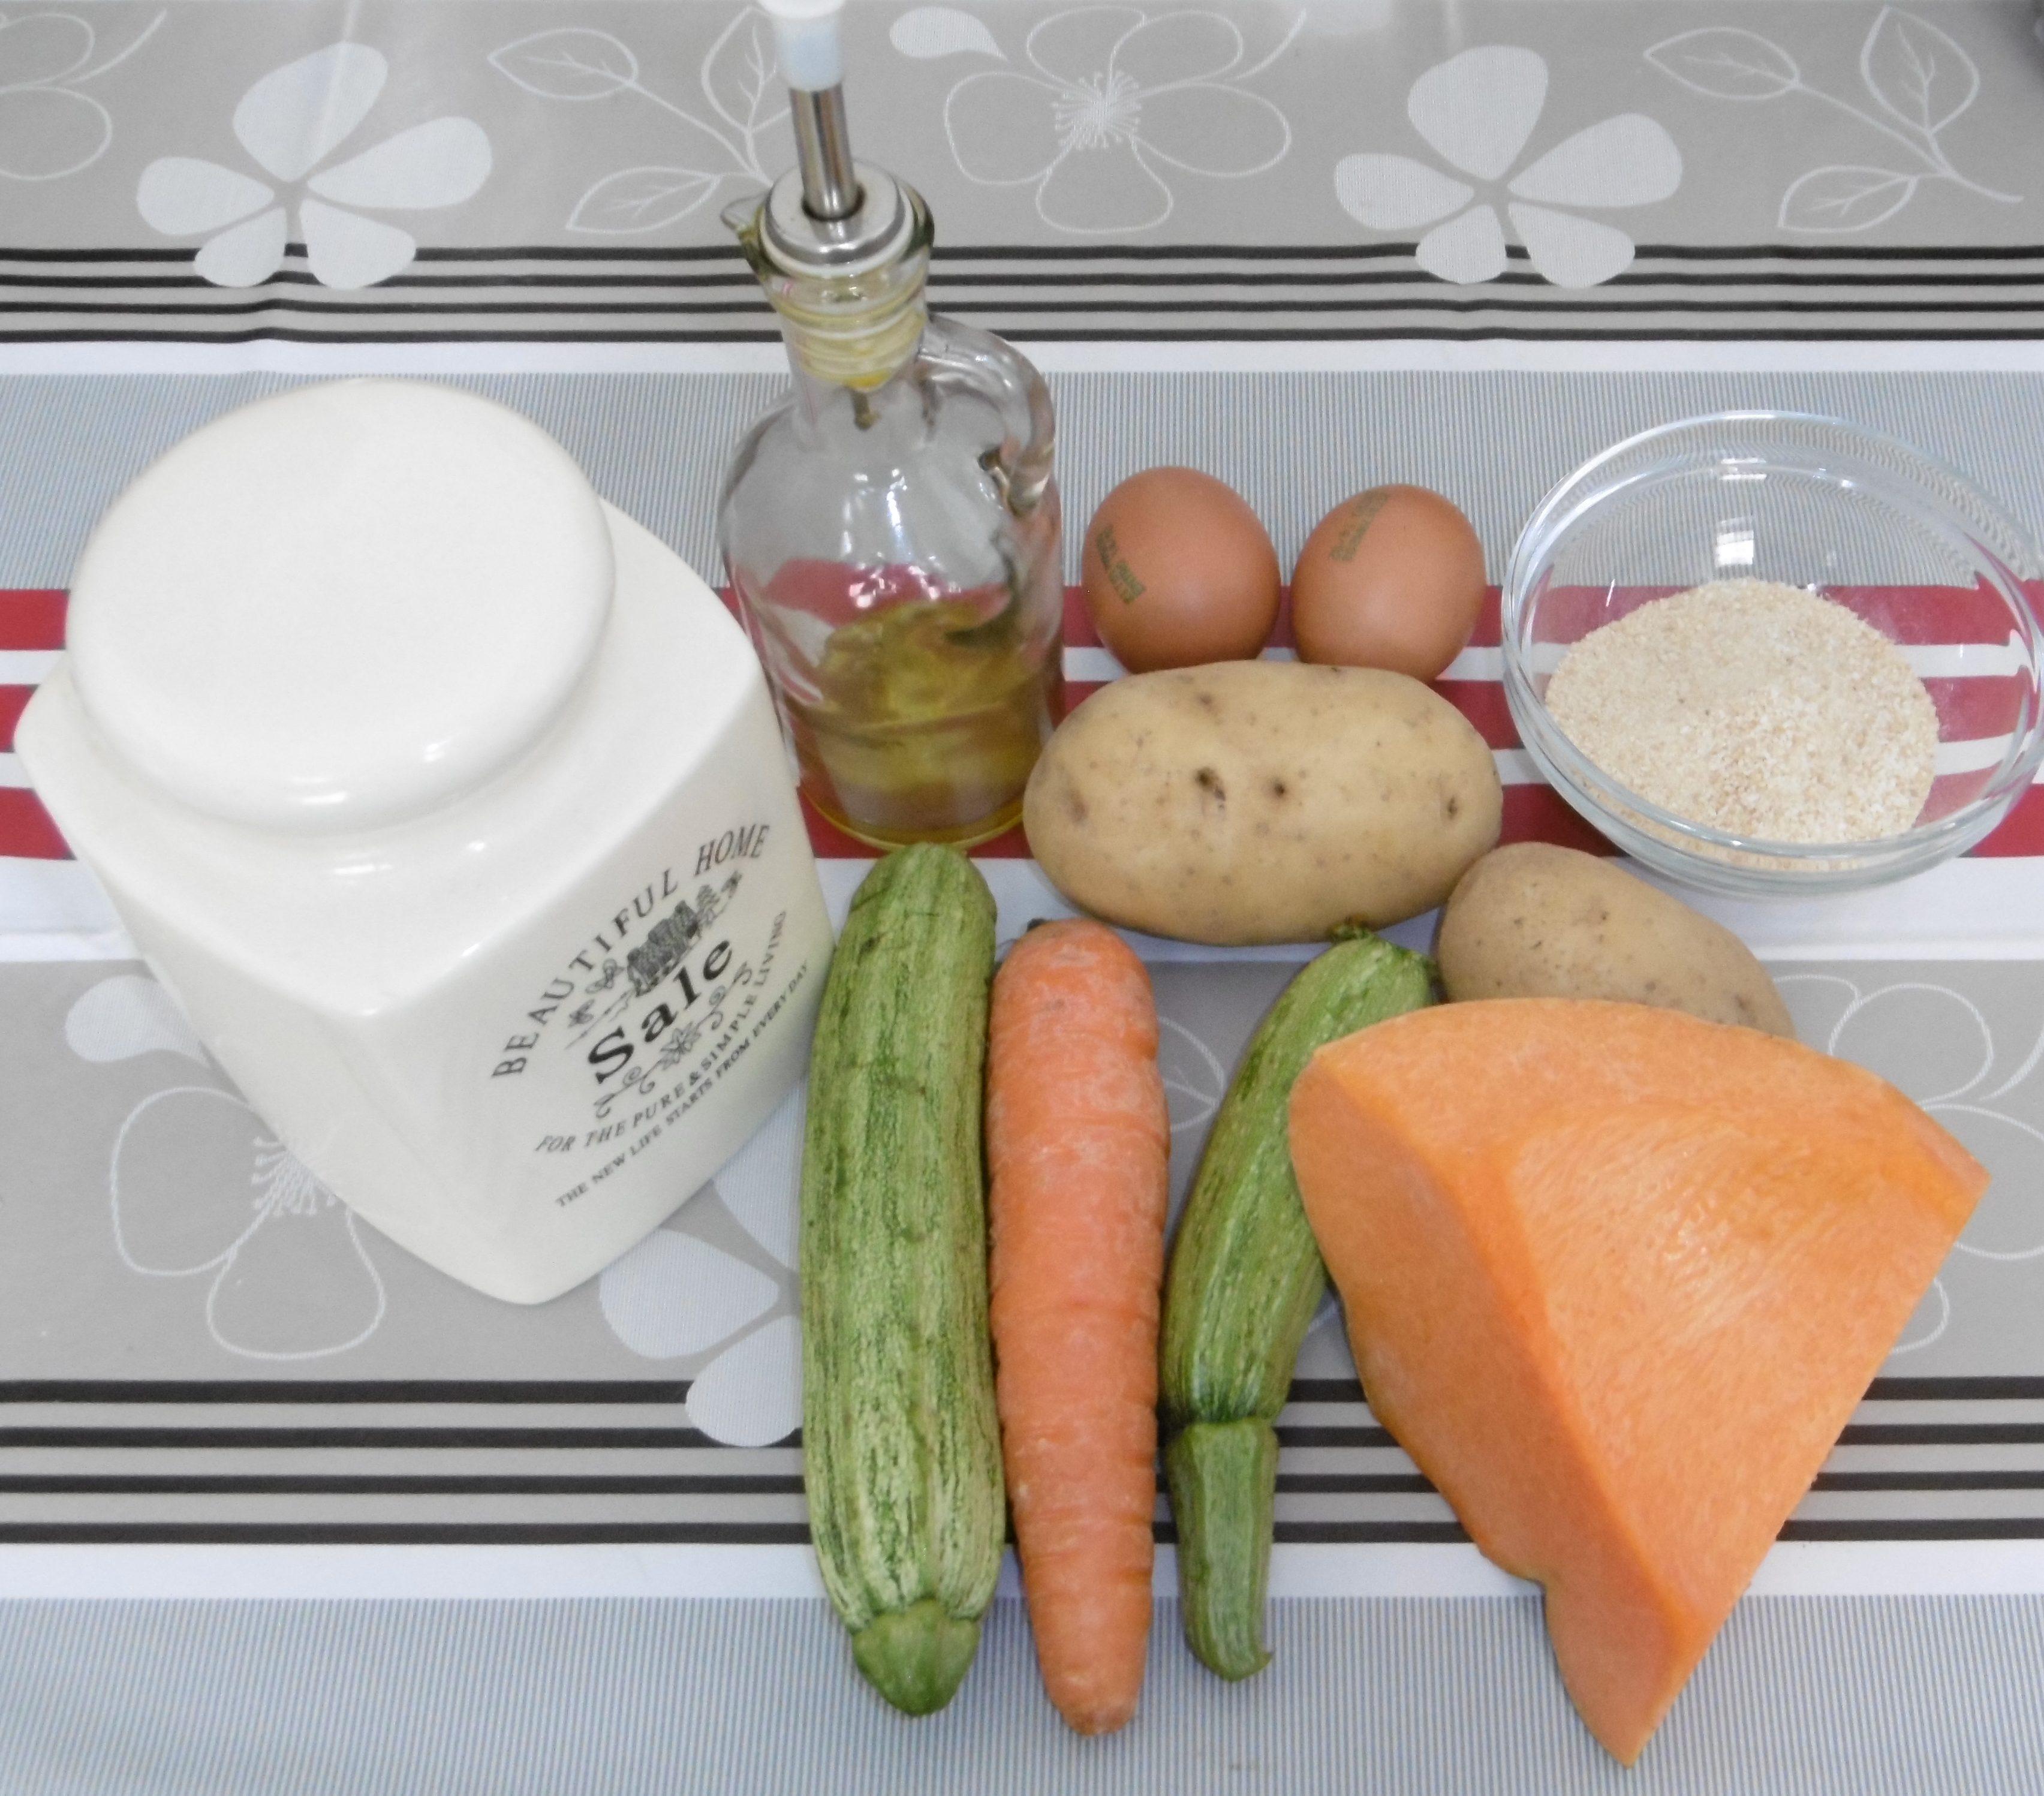 Polpette di verdure con corn flakes - Ingredienti